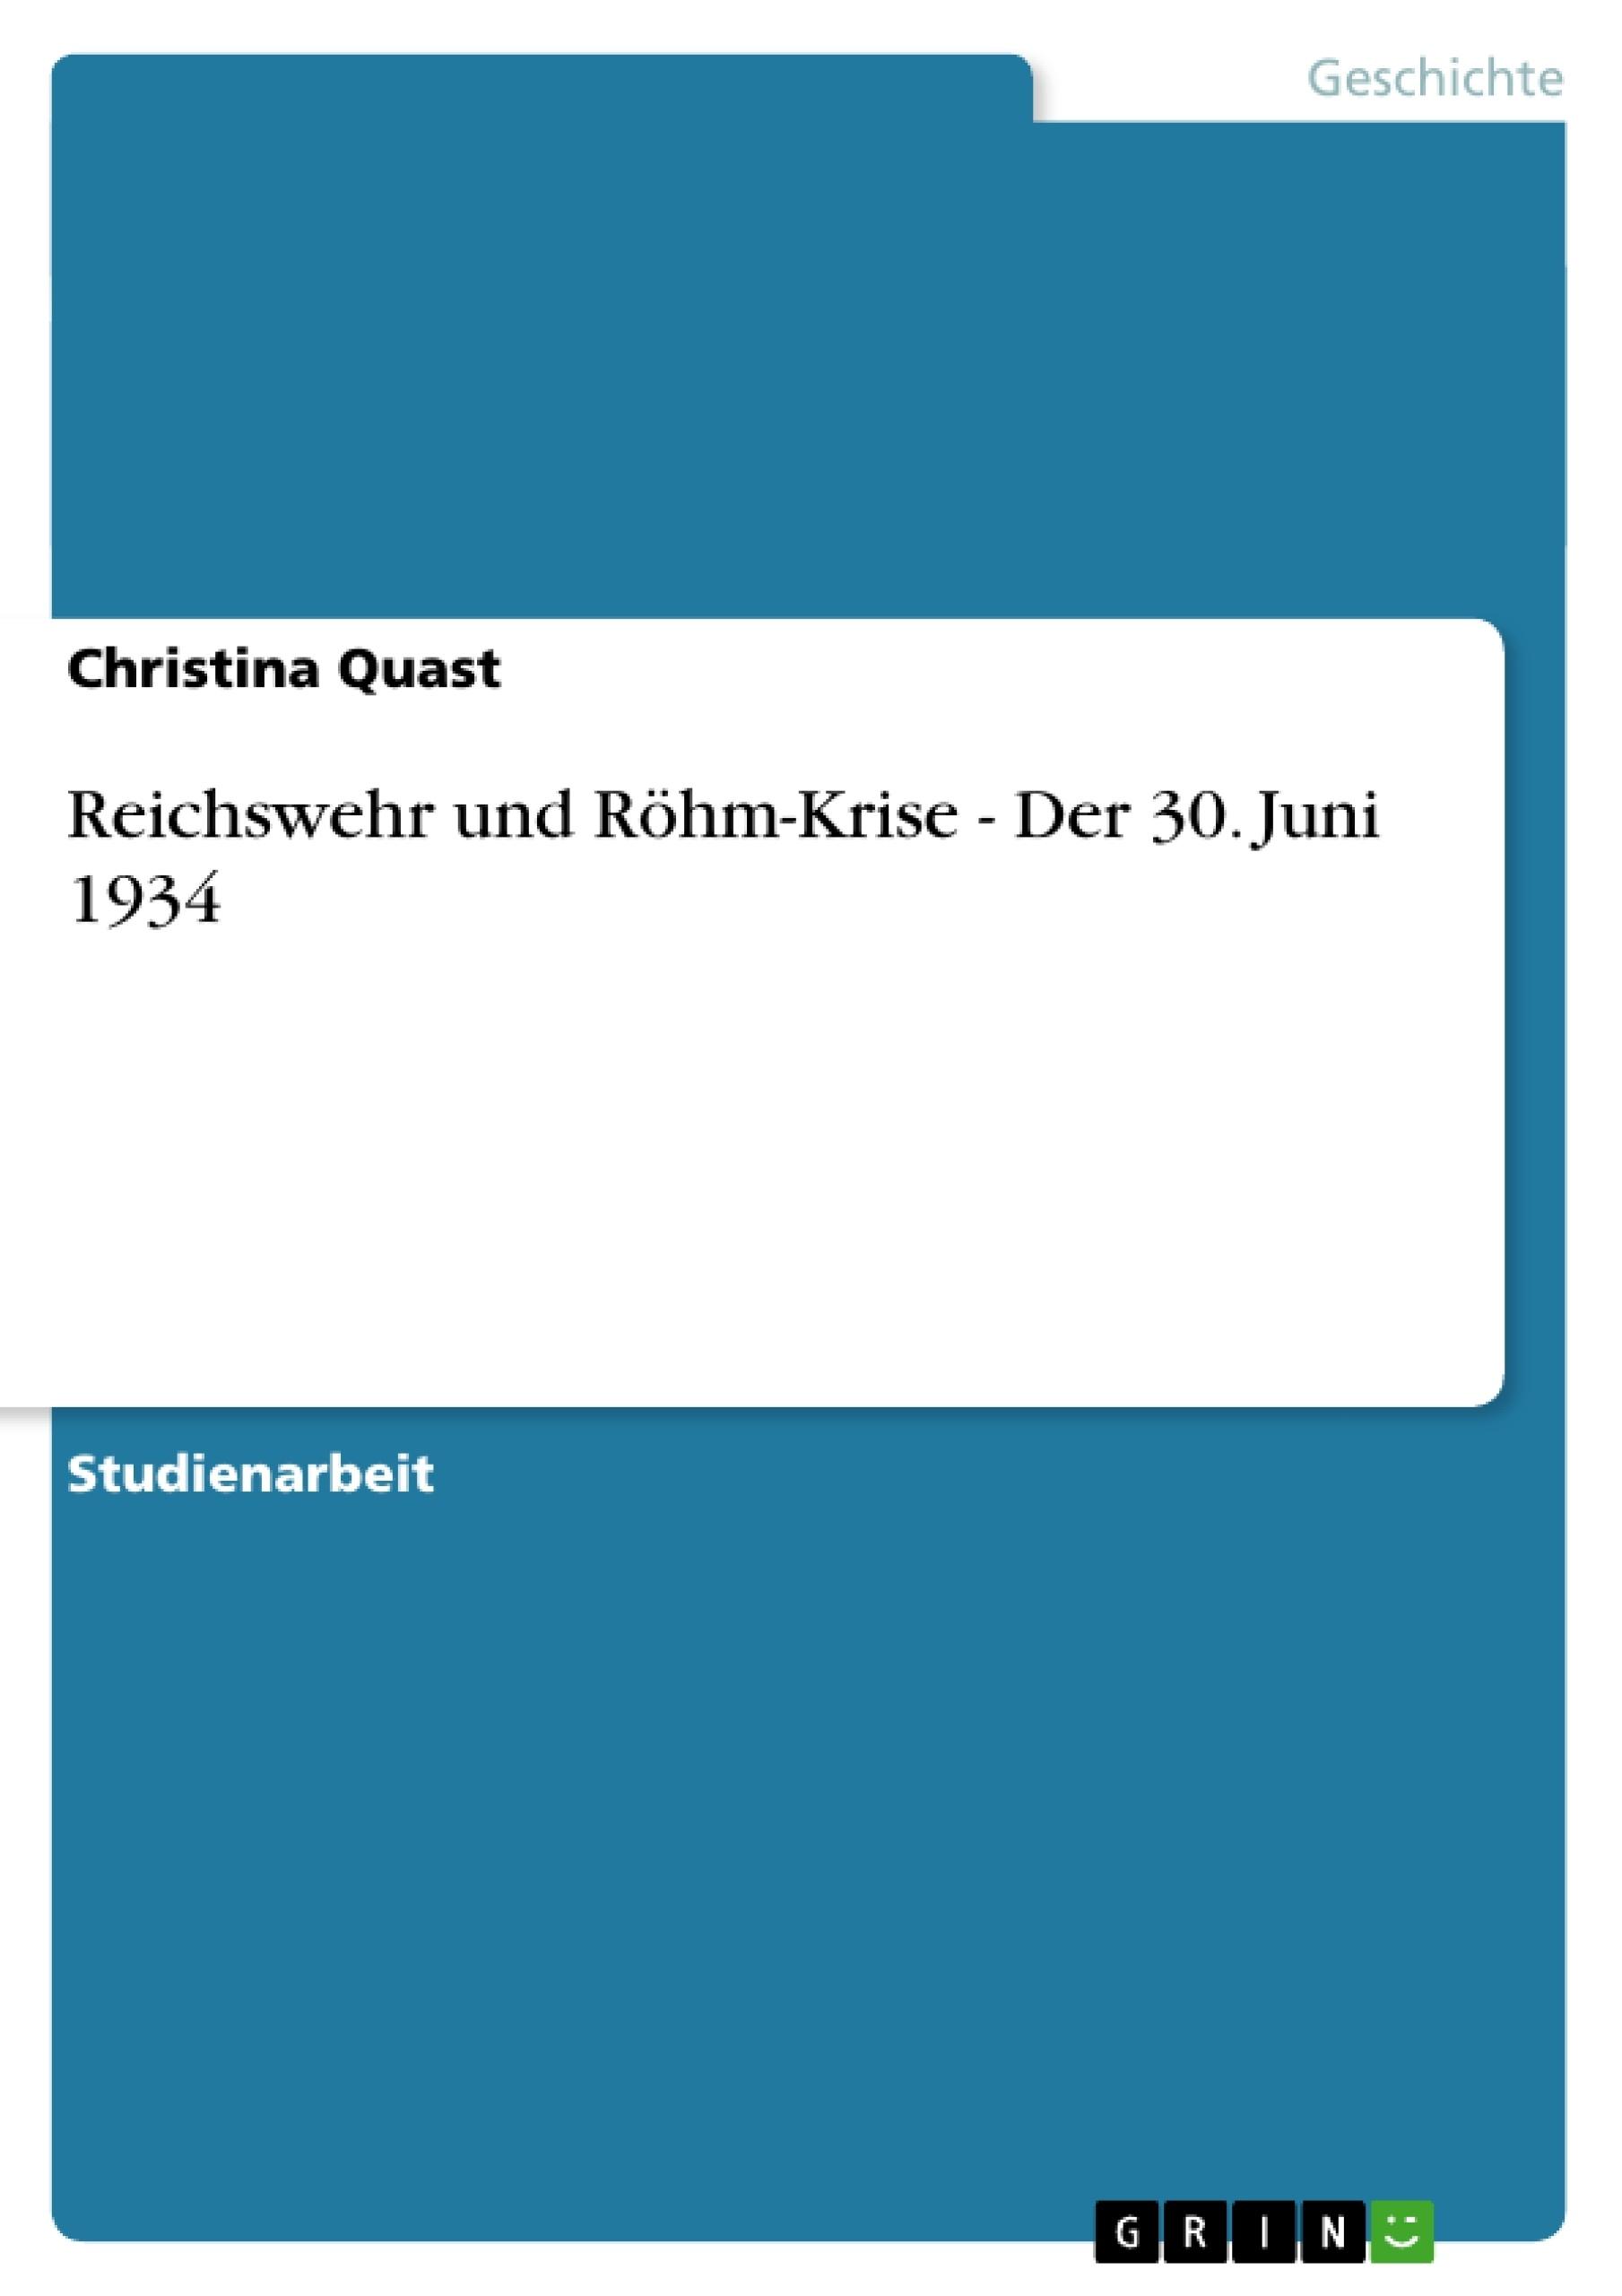 Titel: Reichswehr und Röhm-Krise - Der 30. Juni 1934